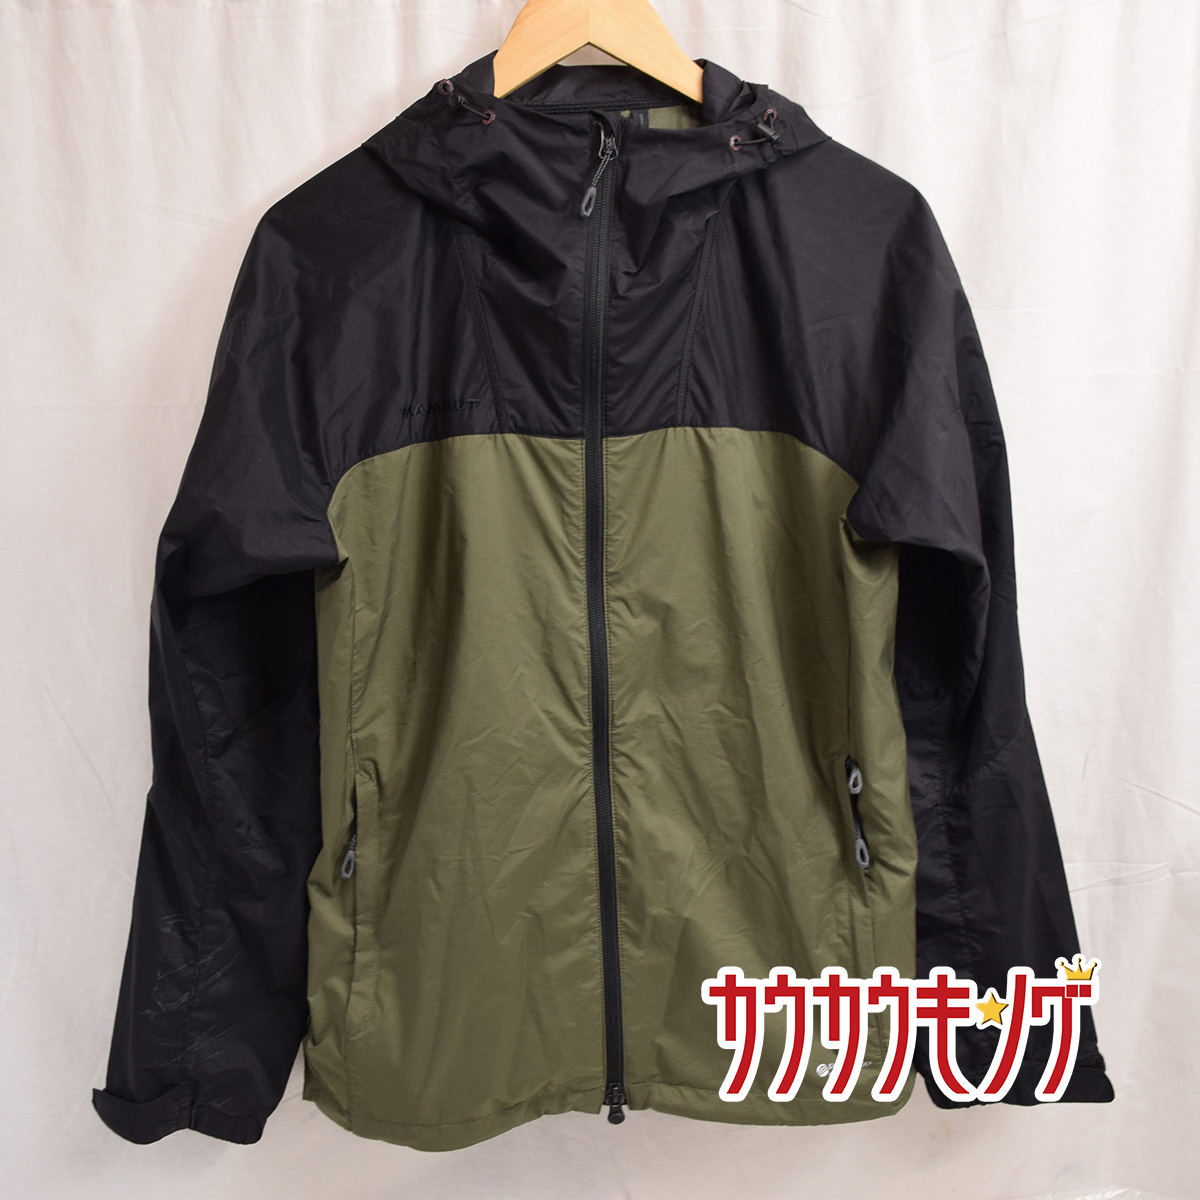 中古 評判 MAMMUT マムート メンズ GLIDER サイズM グライダー マウンテンパーカー 限定価格セール ジャケット